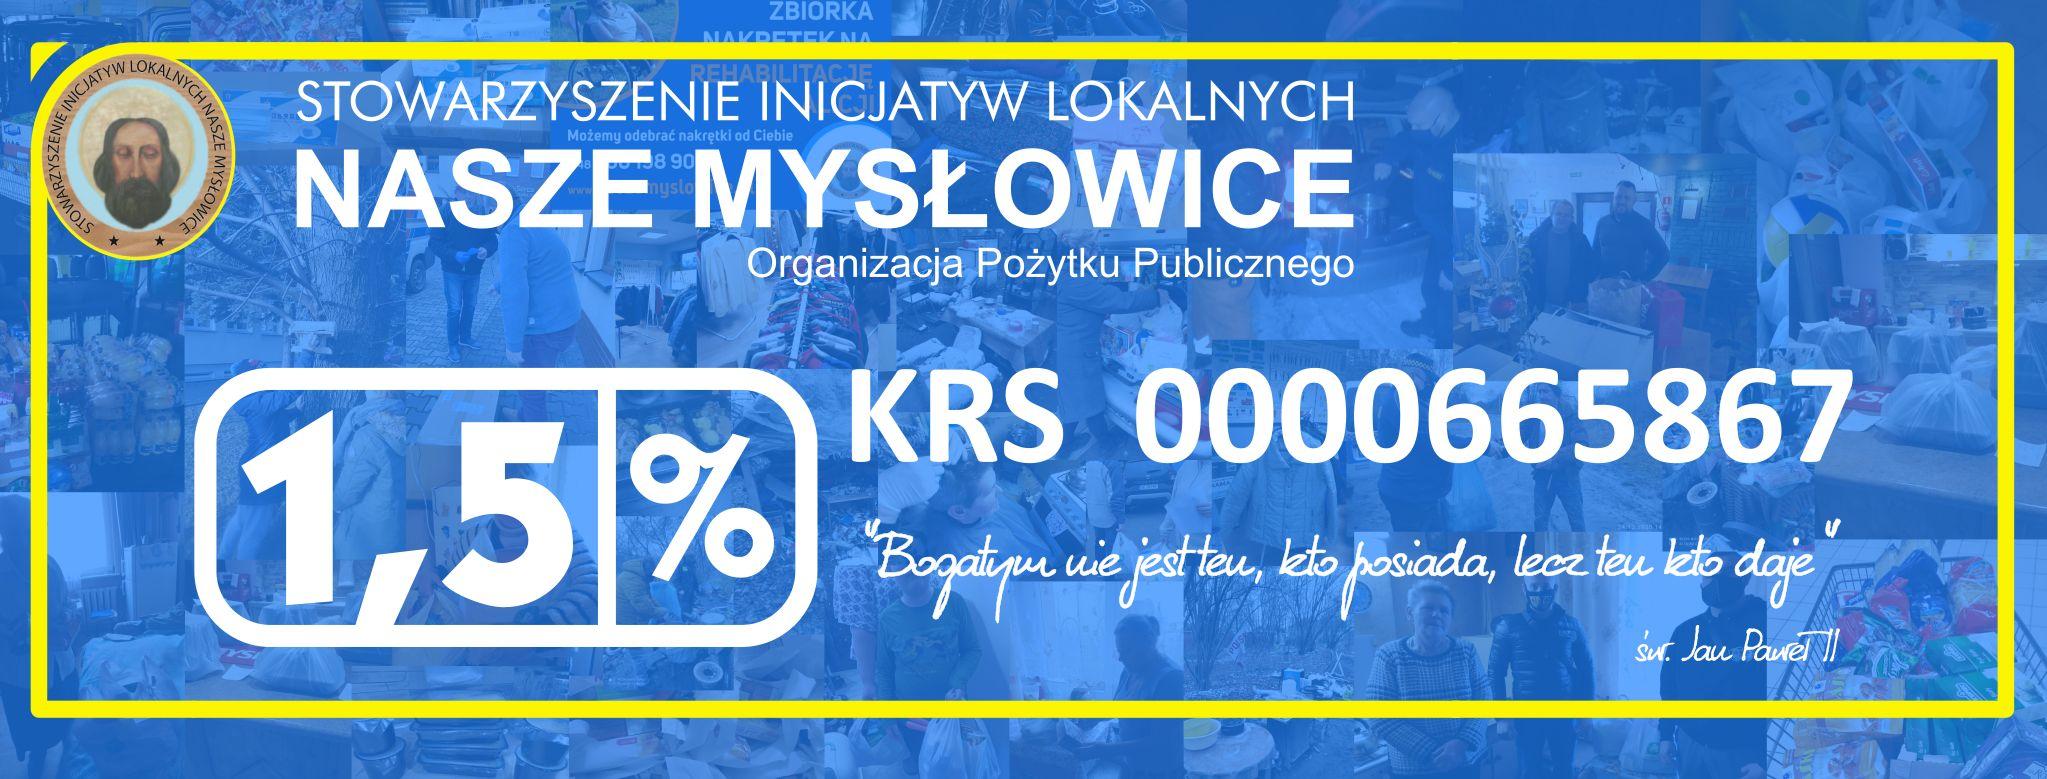 Nasze Mysłowice